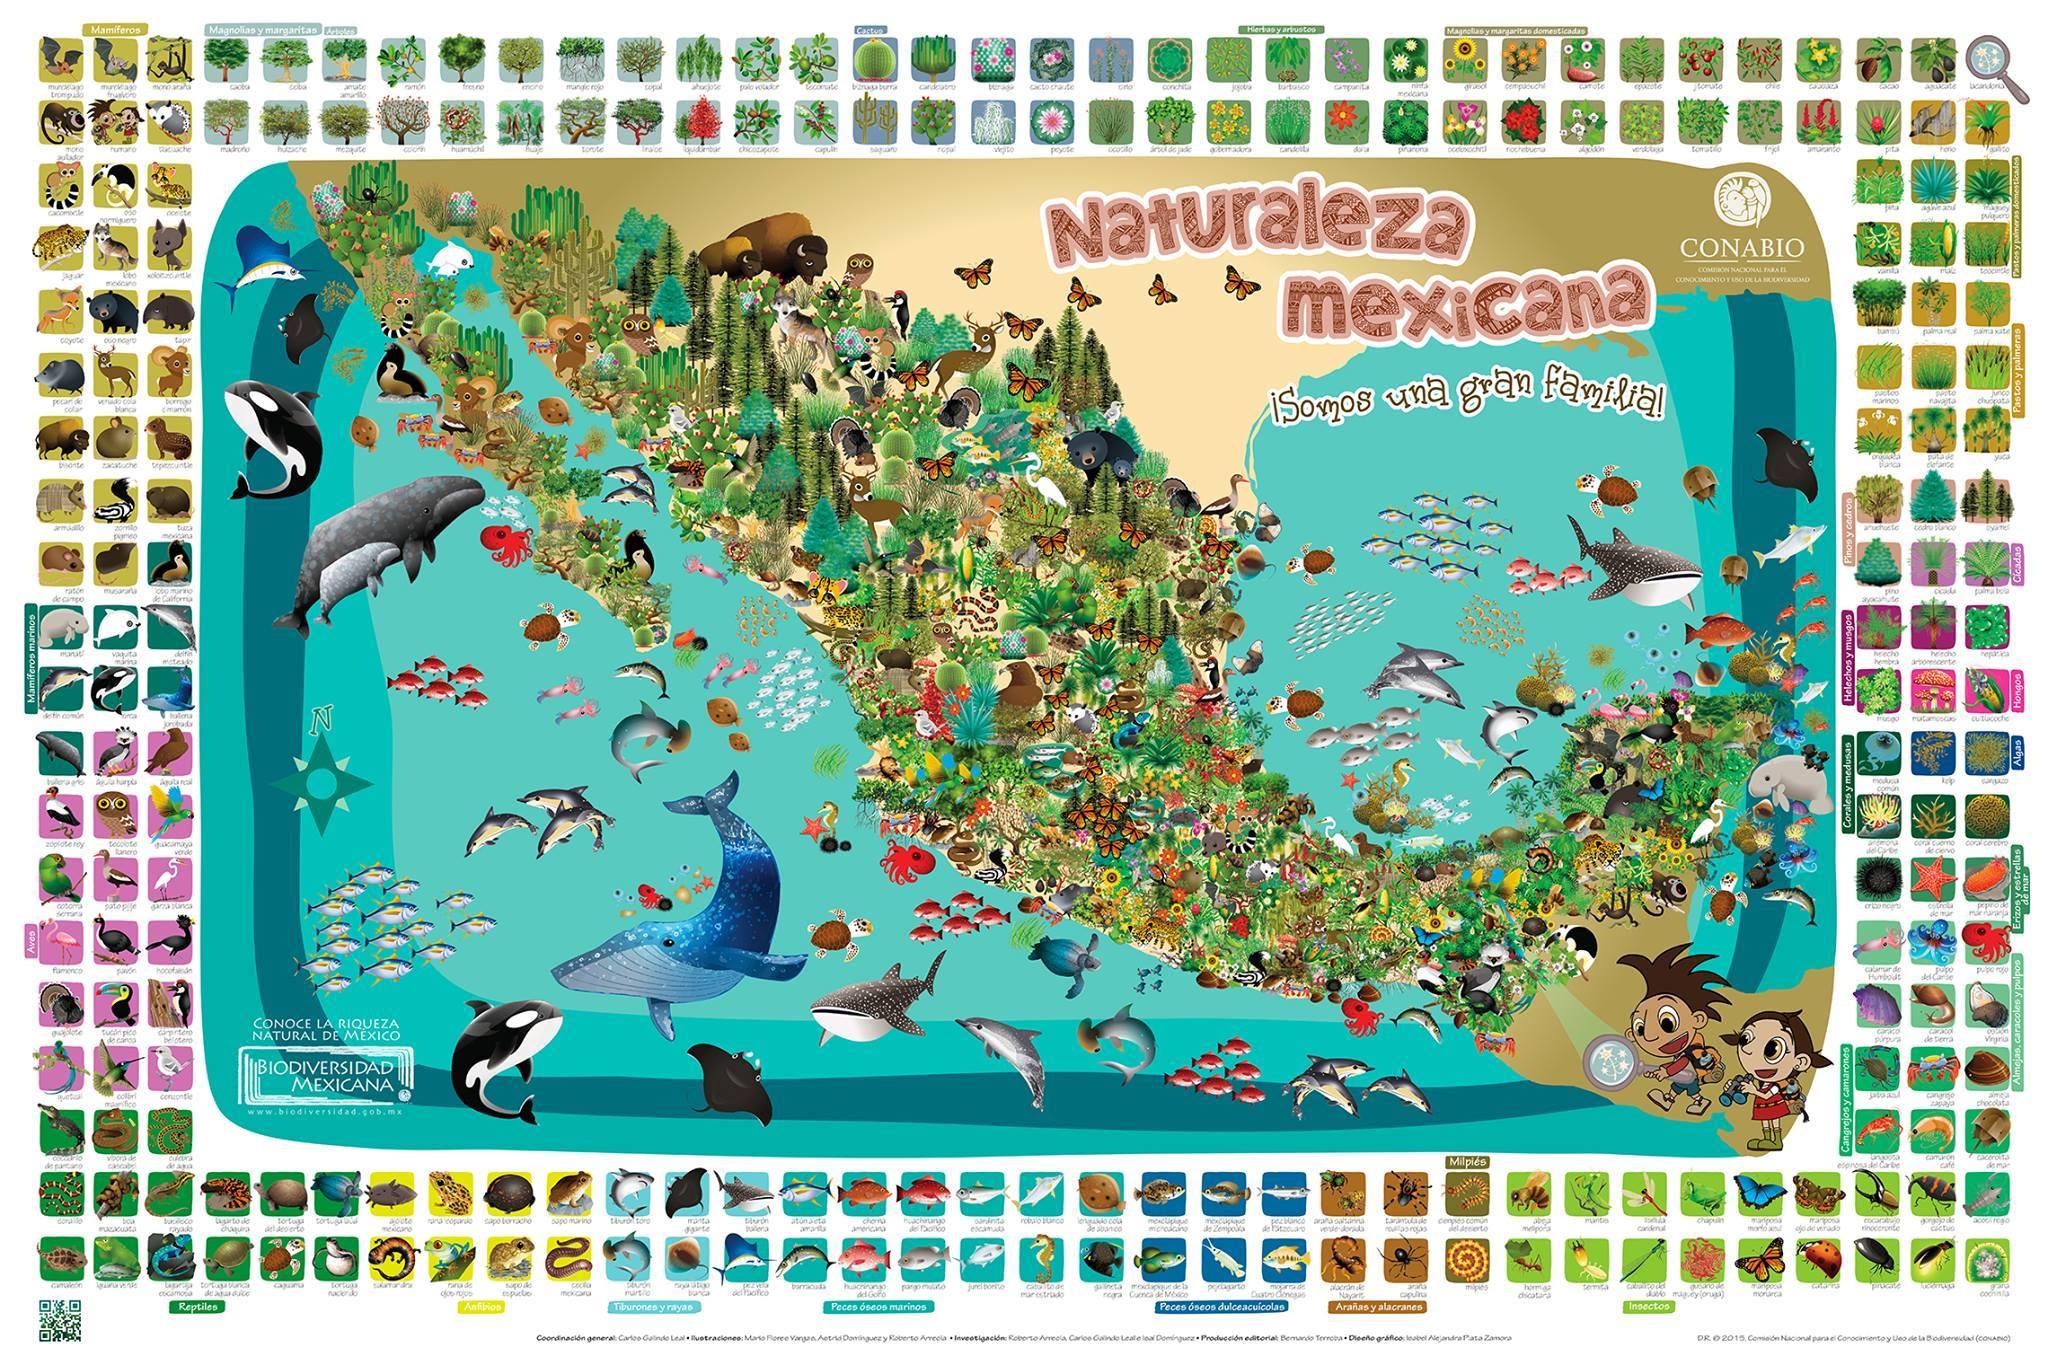 NATURALEZA MEXICANA, mira este cartel en alta resolución.